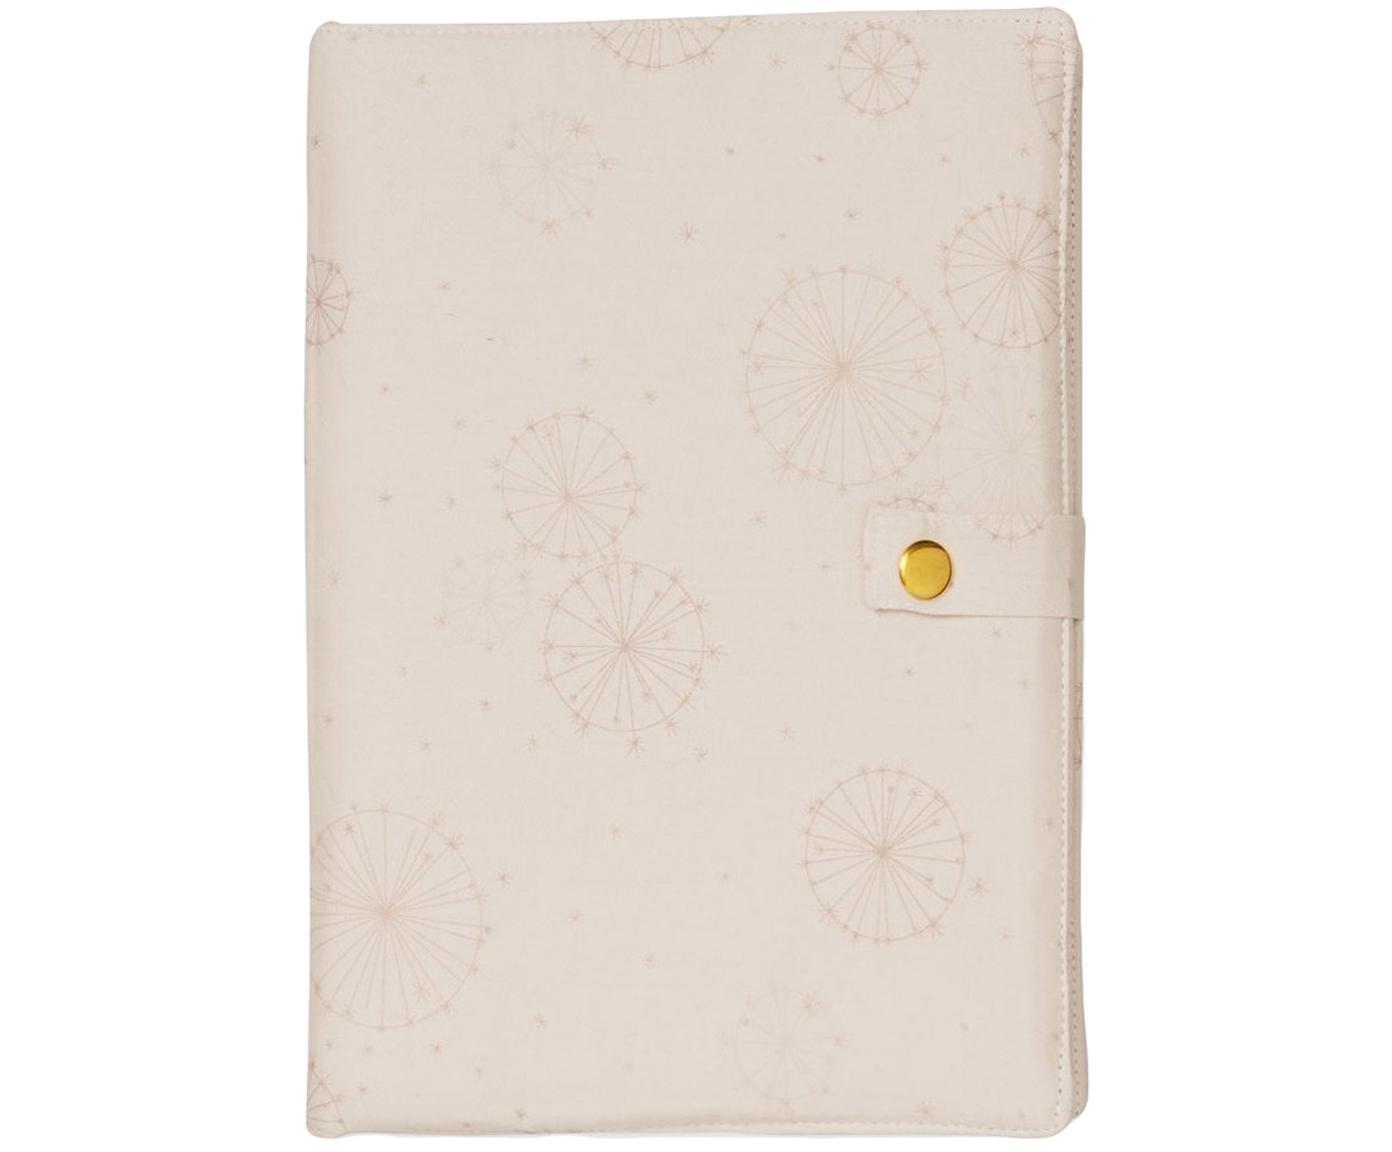 Hoes voor A5 boekje Dandelion van biokatoen, Biokatoen, OCS-gecertificeerd, Roze, 15 x 21 cm